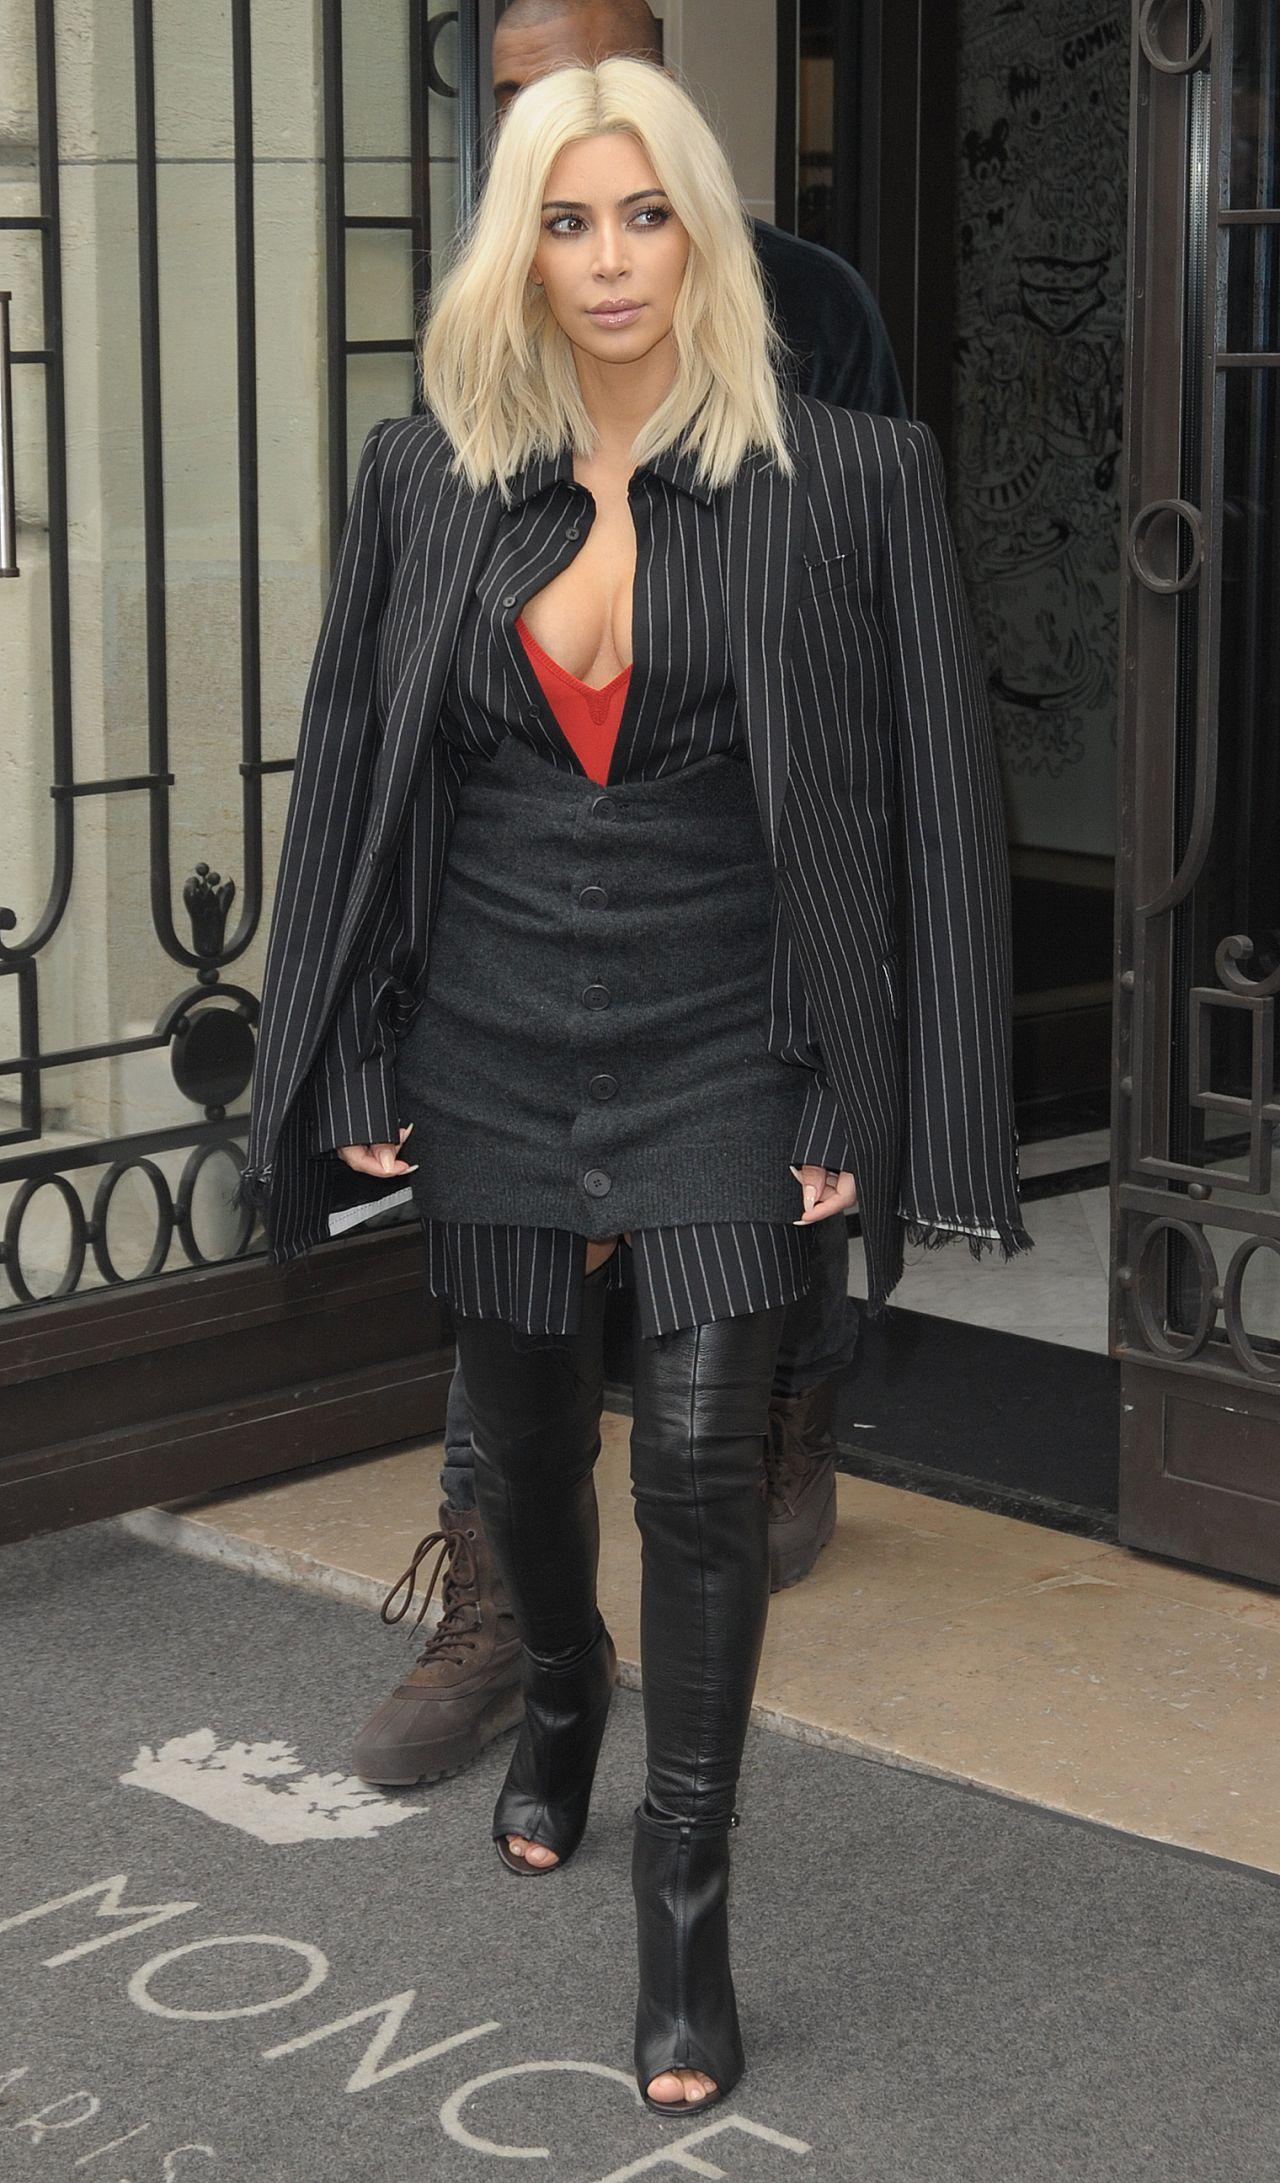 Kim Kardashian 2015 Celebrity Photos Street Fashion